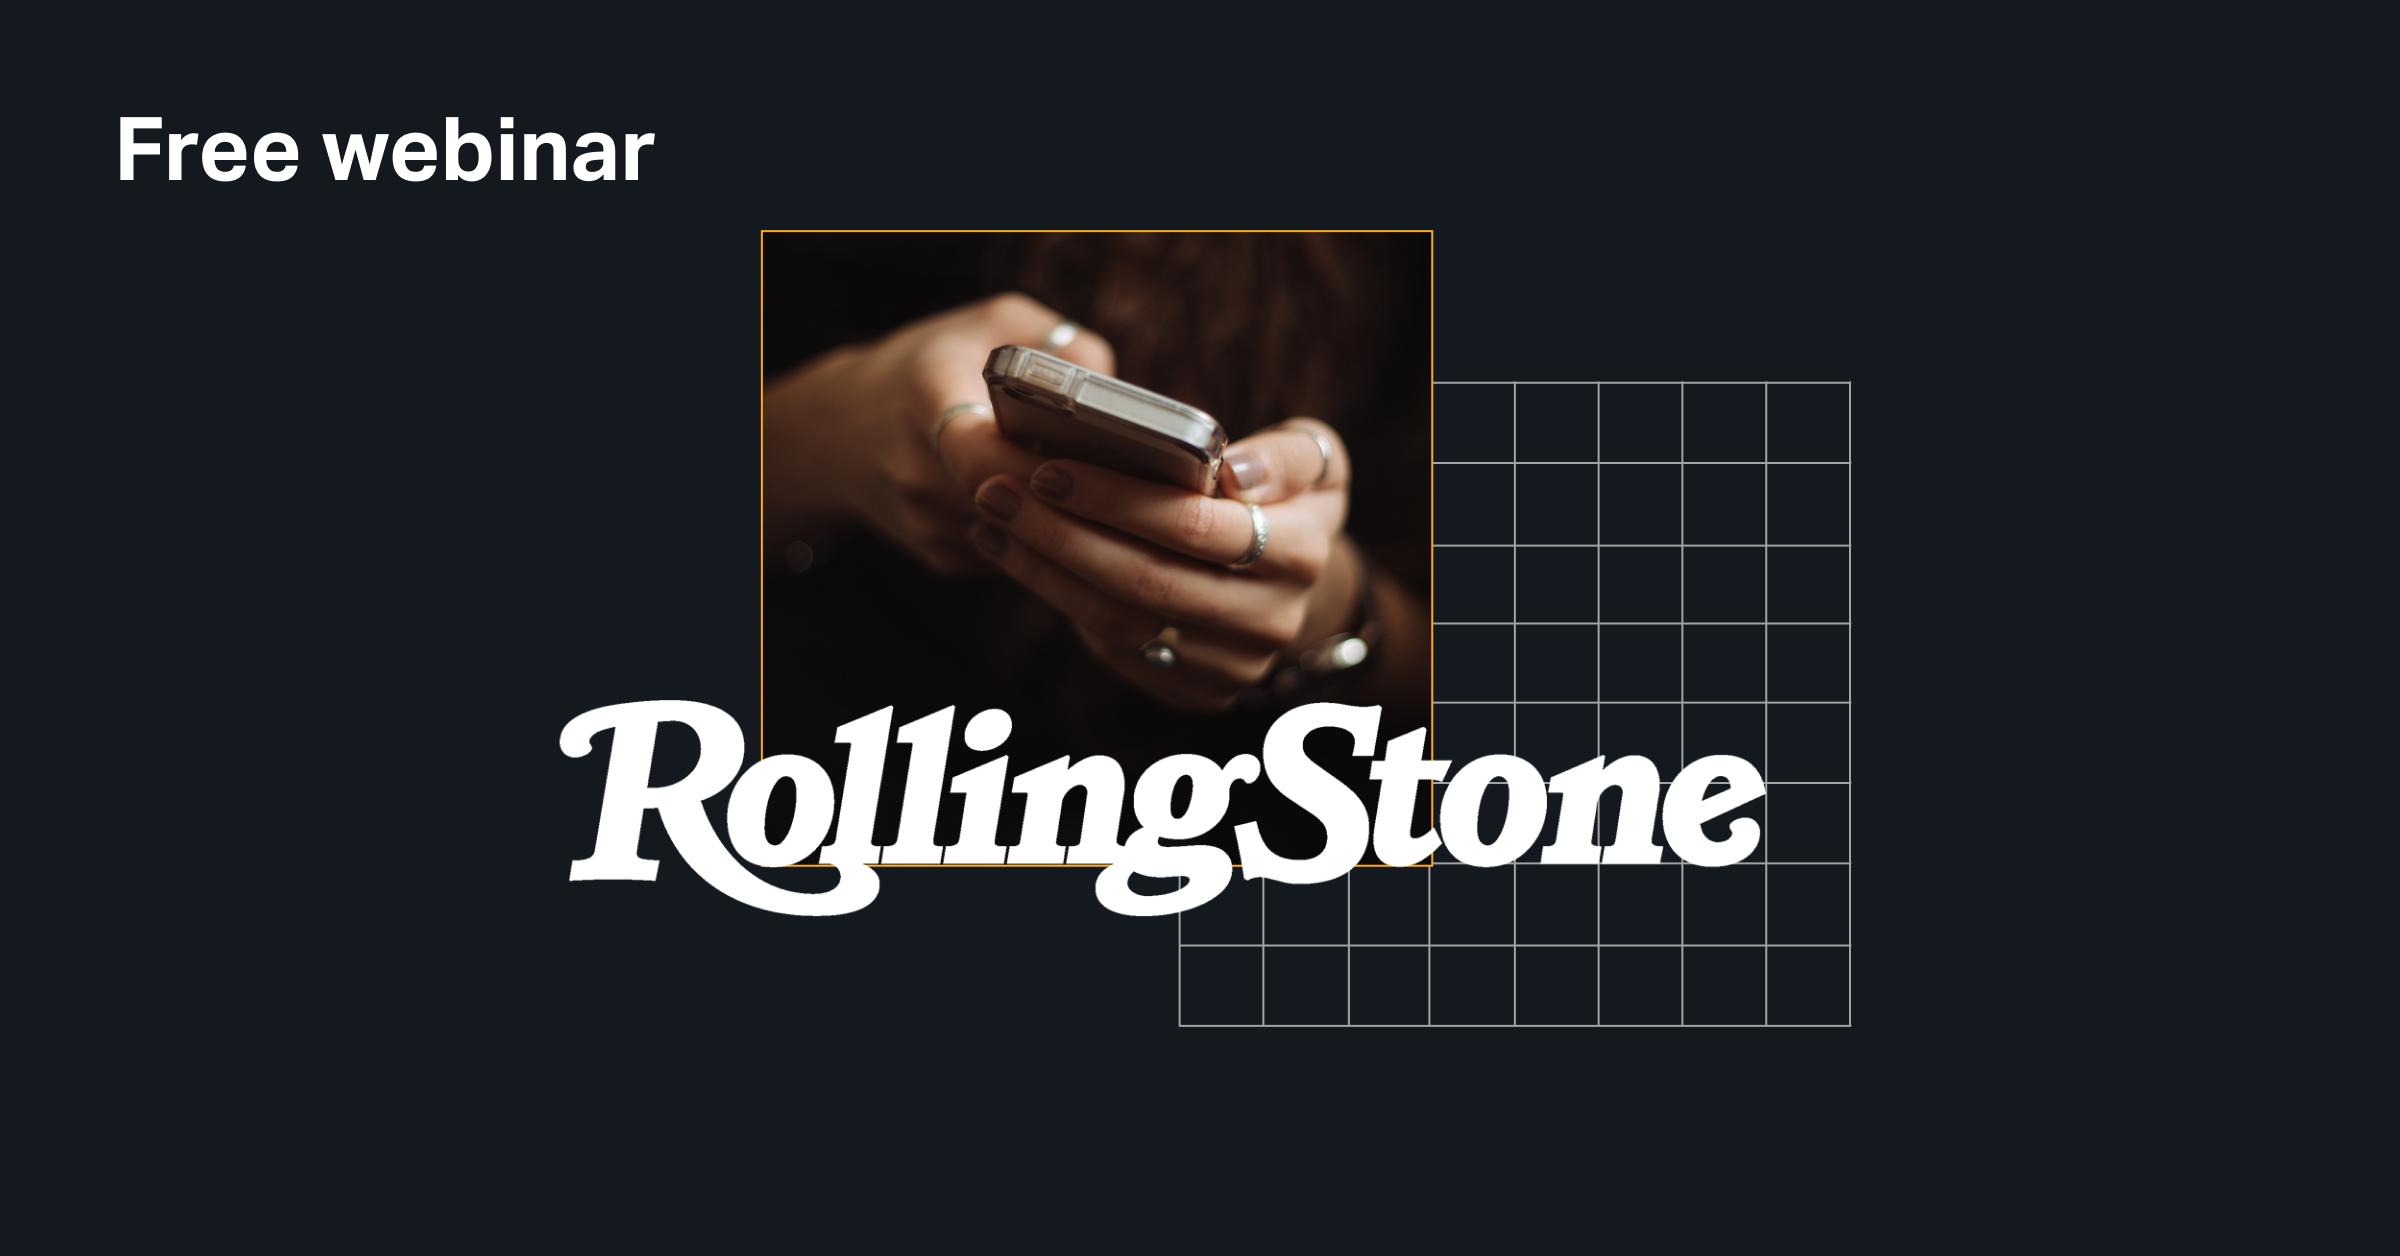 Free webinar: Rolling Stone